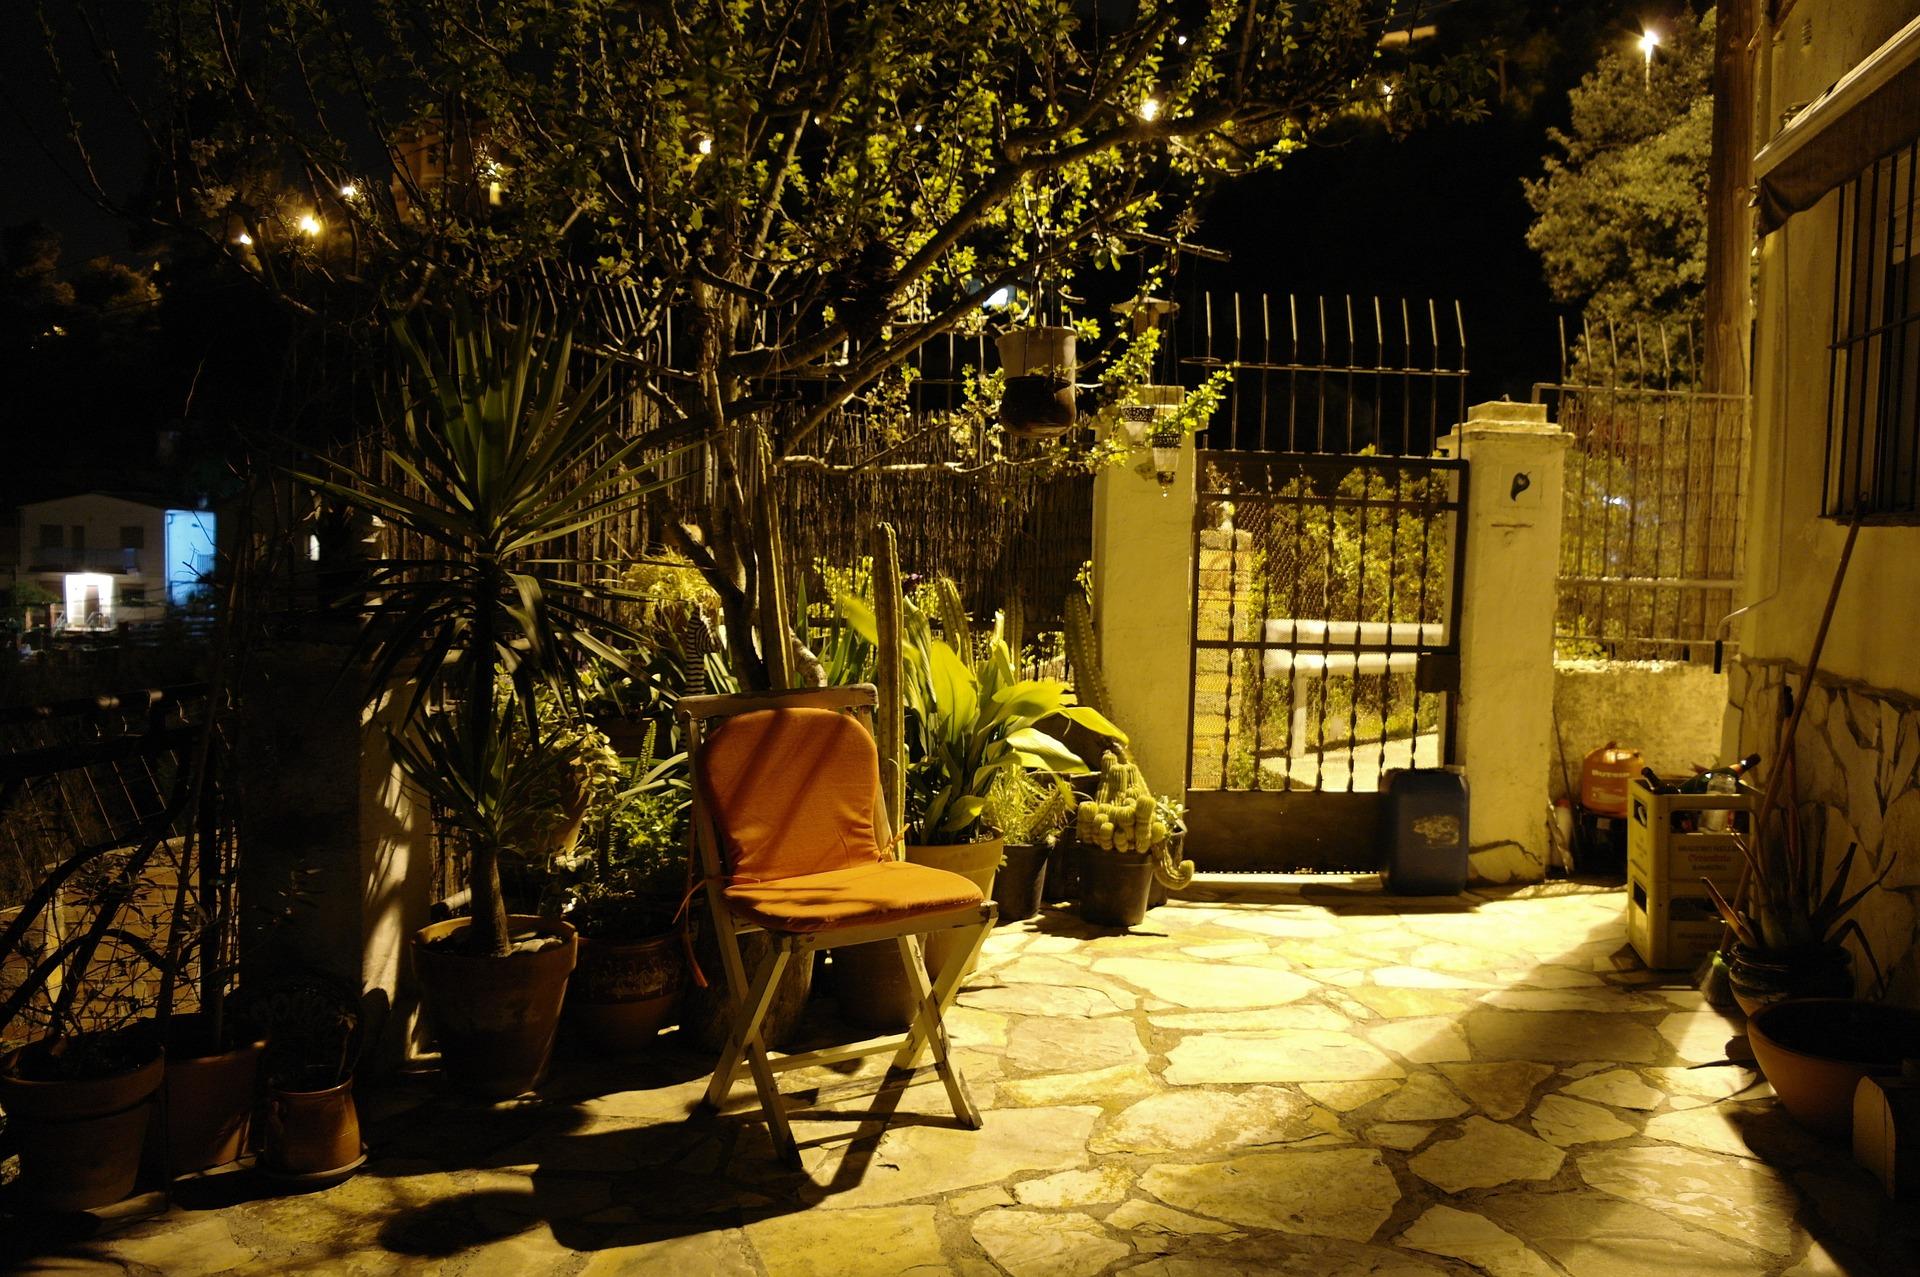 Full Size of Trennwand Fr Terrasse Garten Blogger Ausziehtisch Lounge Sofa Sauna Kinderspielhaus Holzhäuser Klapptisch Kräutergarten Küche Spaten Pergola Servierwagen Wohnzimmer Garten Trennwände